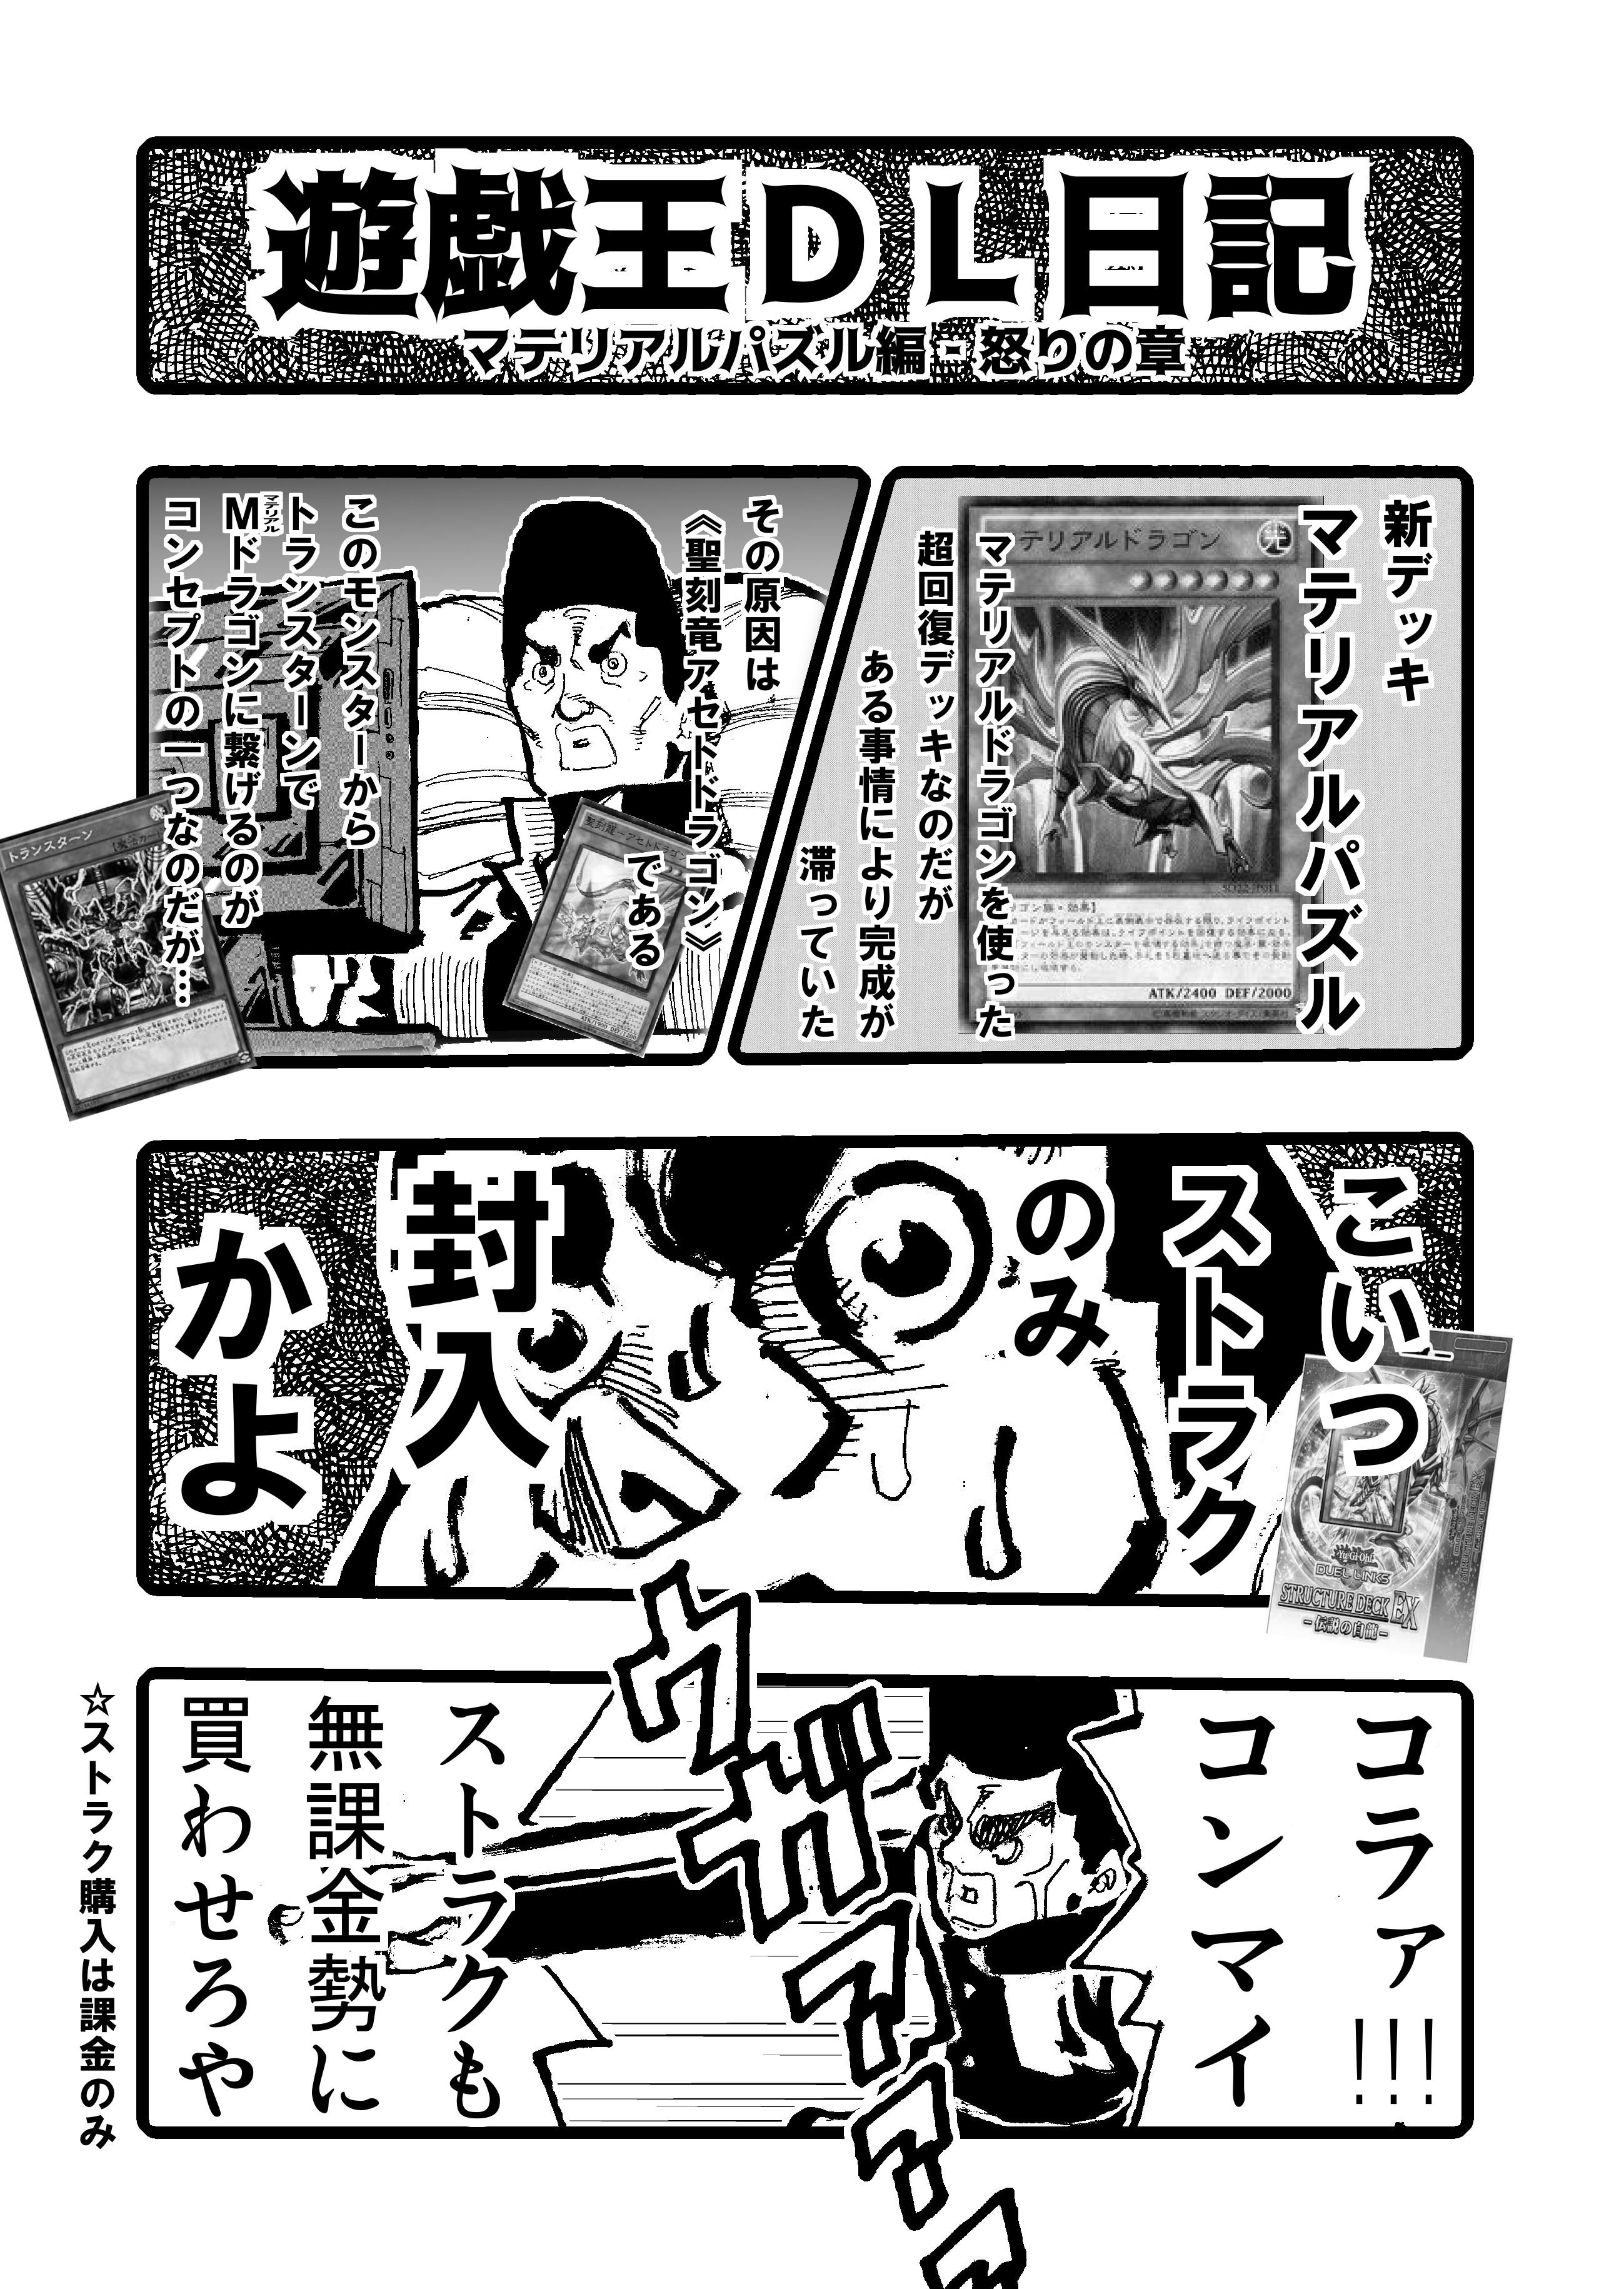 遊戯王デュエルリンクス日記51 マテリアルパズル編‐怒りの章